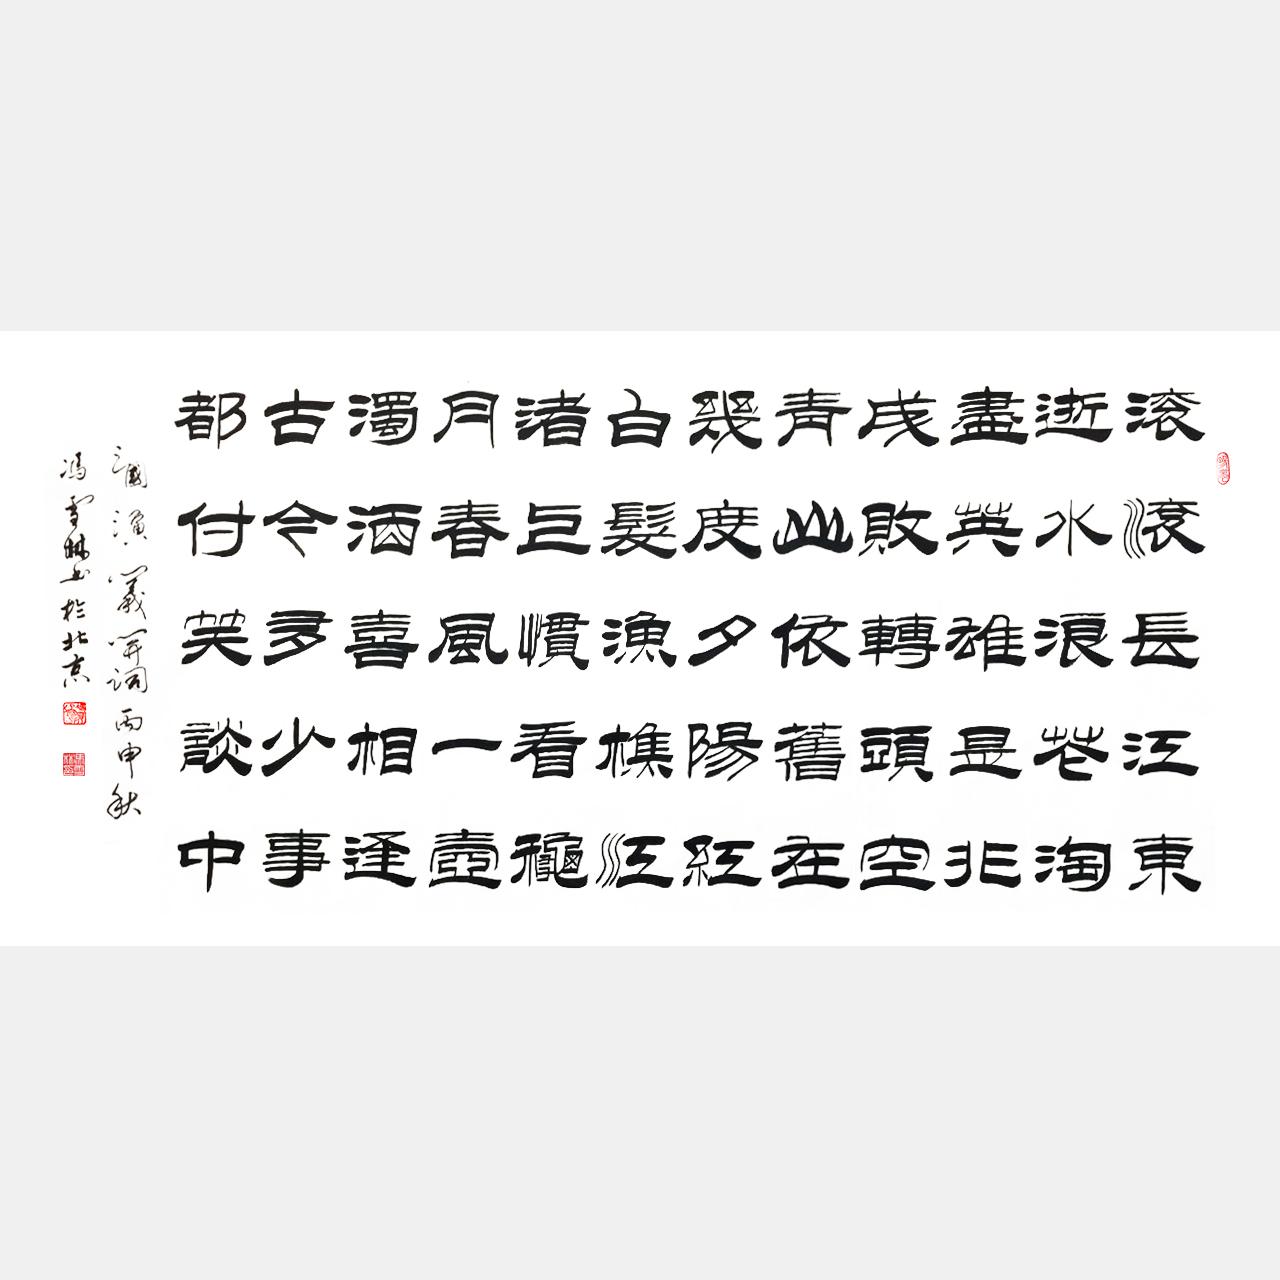 图片2:《三国演义开篇词》《临江仙・滚滚长江东逝水》隶书书法作品